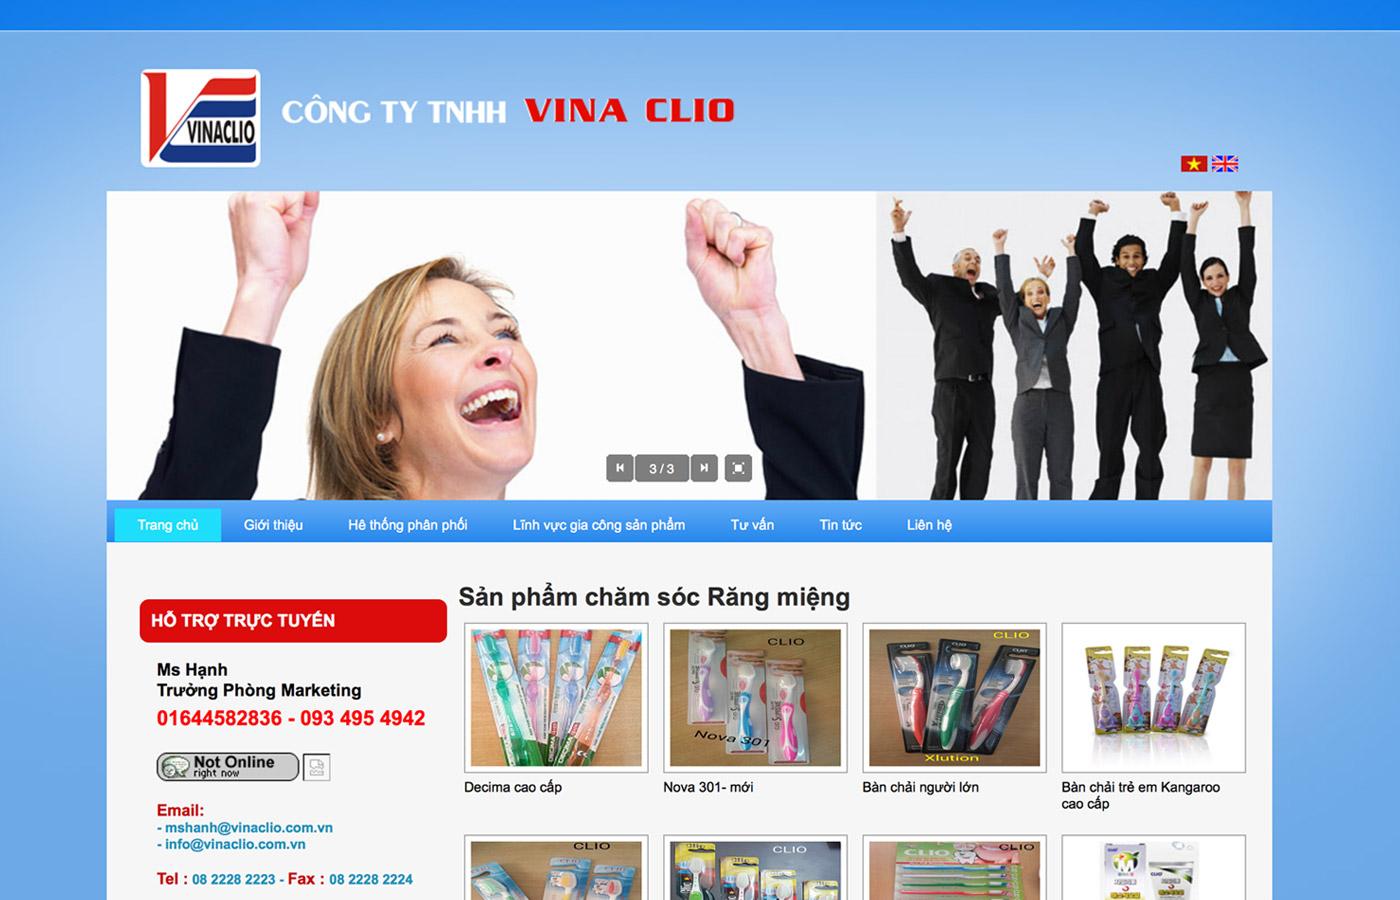 Công ty TNHH Vina Clio